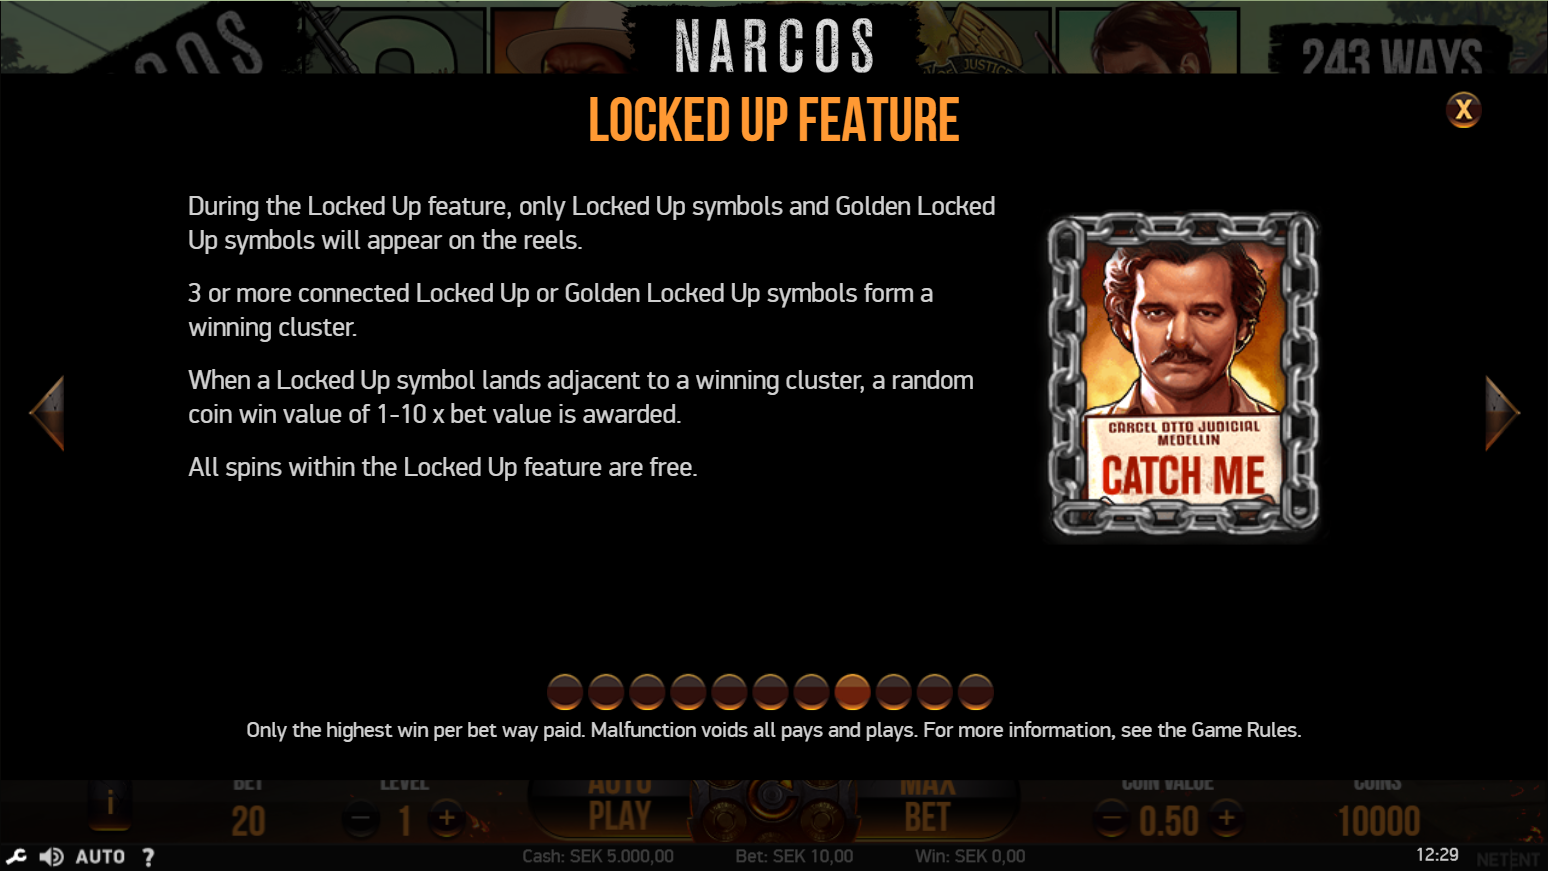 narcos-locked-up